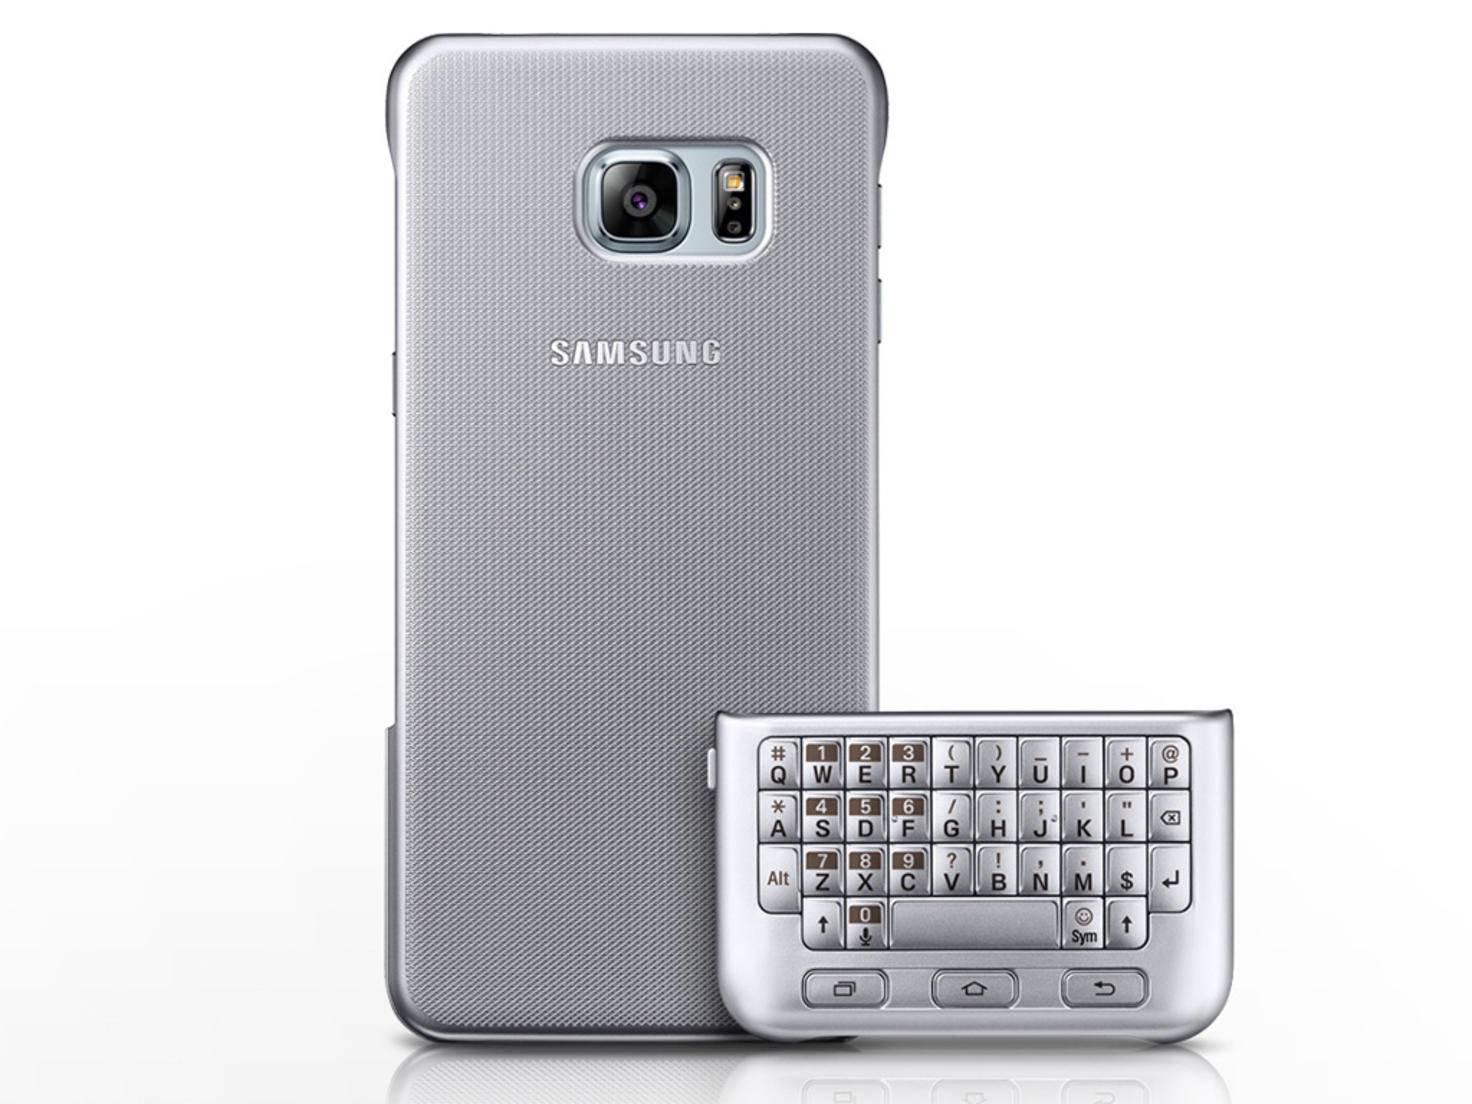 GalaxyS6EdgePlus_Keyboard